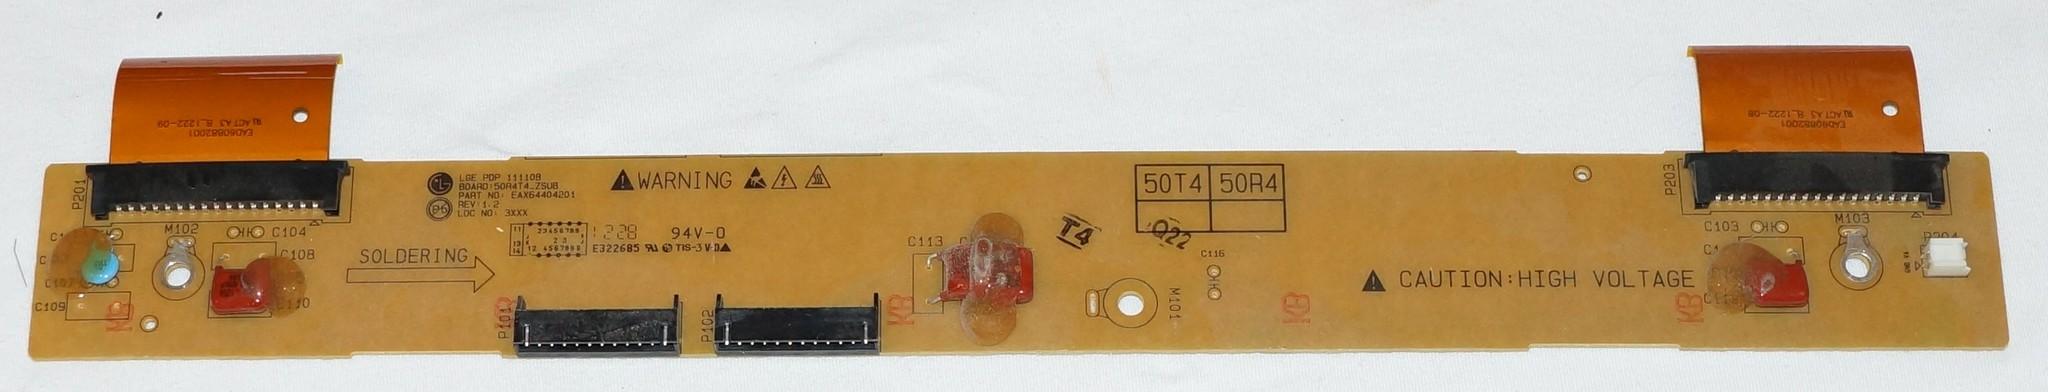 EAX64404201 BOARD 50R4T4_ZSUB